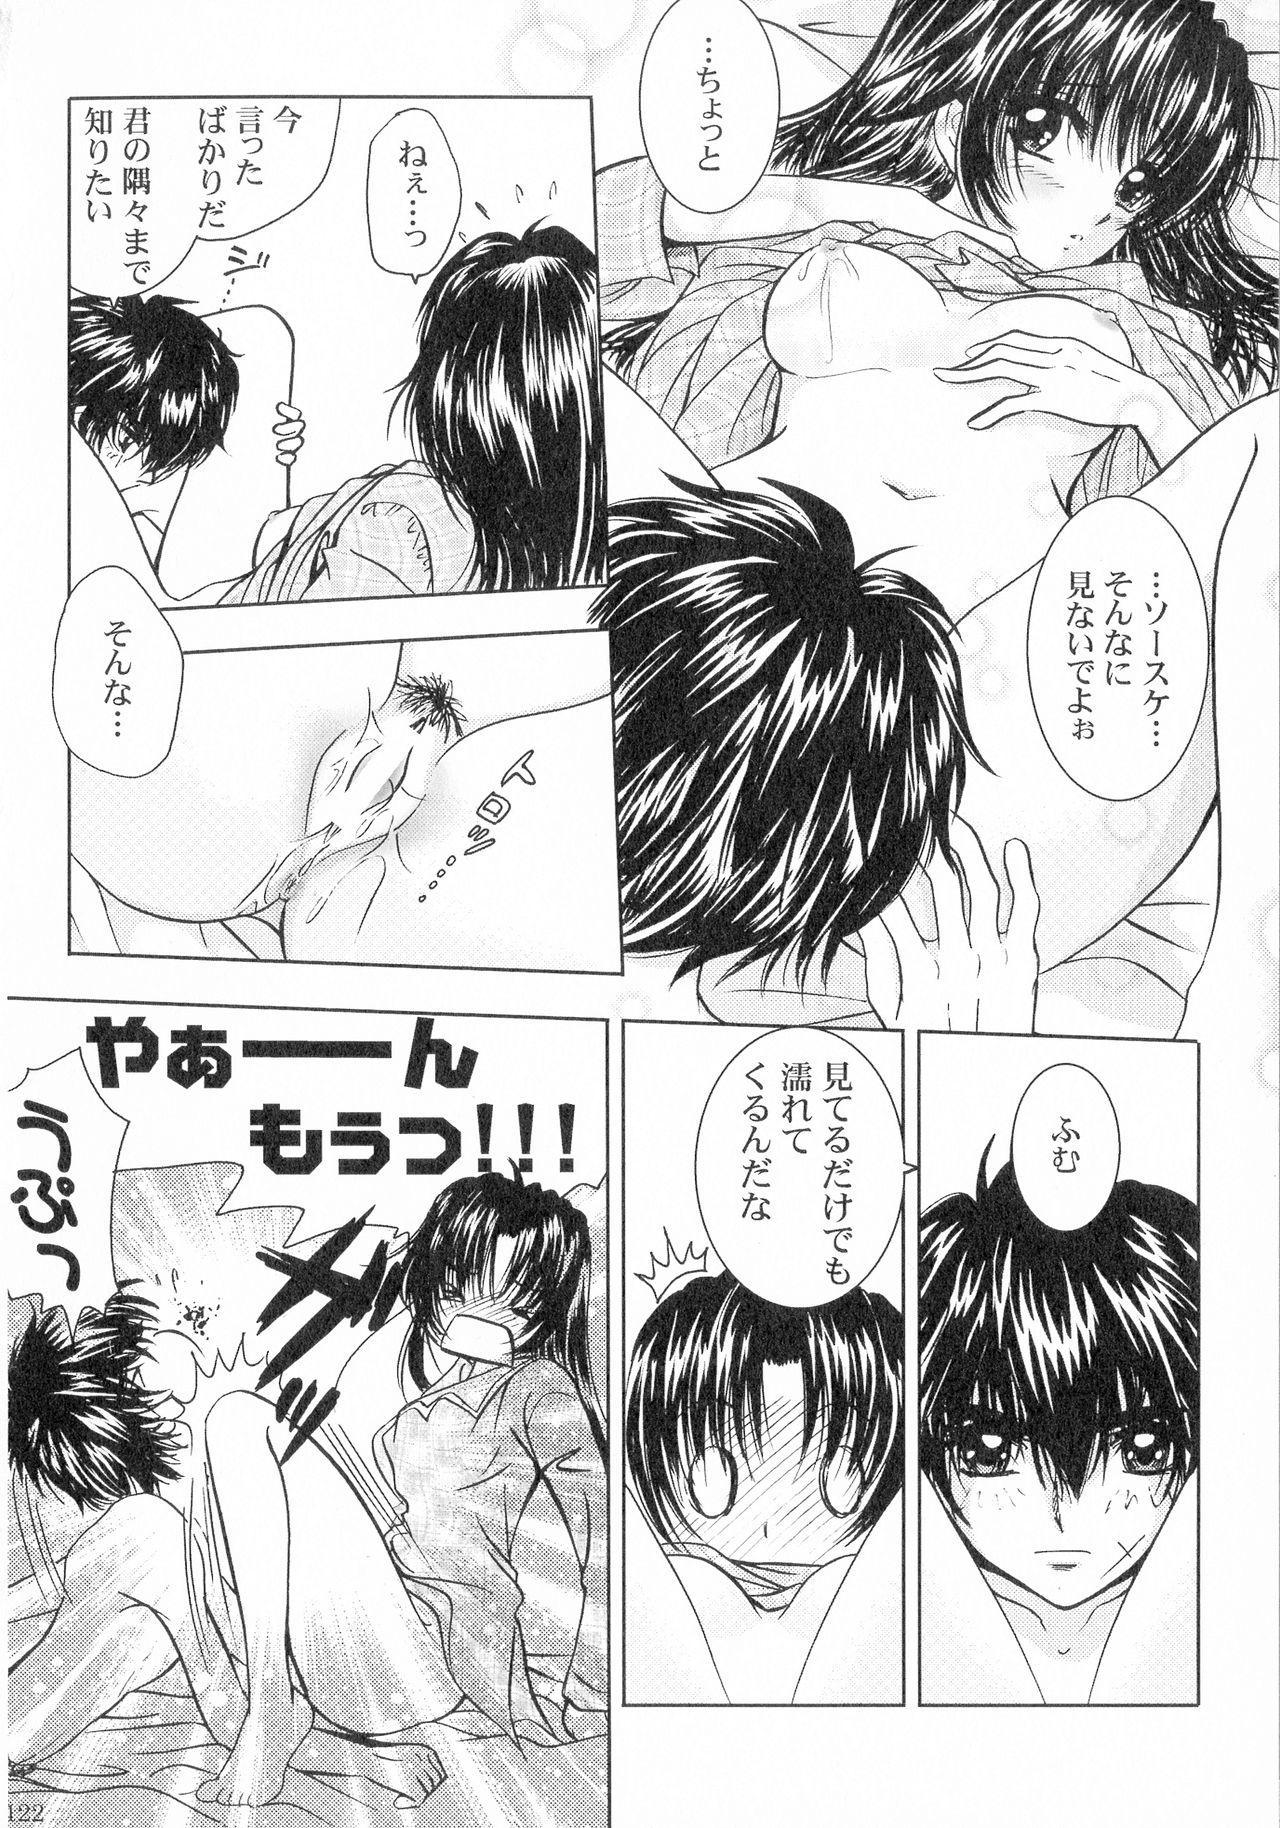 SEXY PANIC Sairoku-shuu VOL.3 120